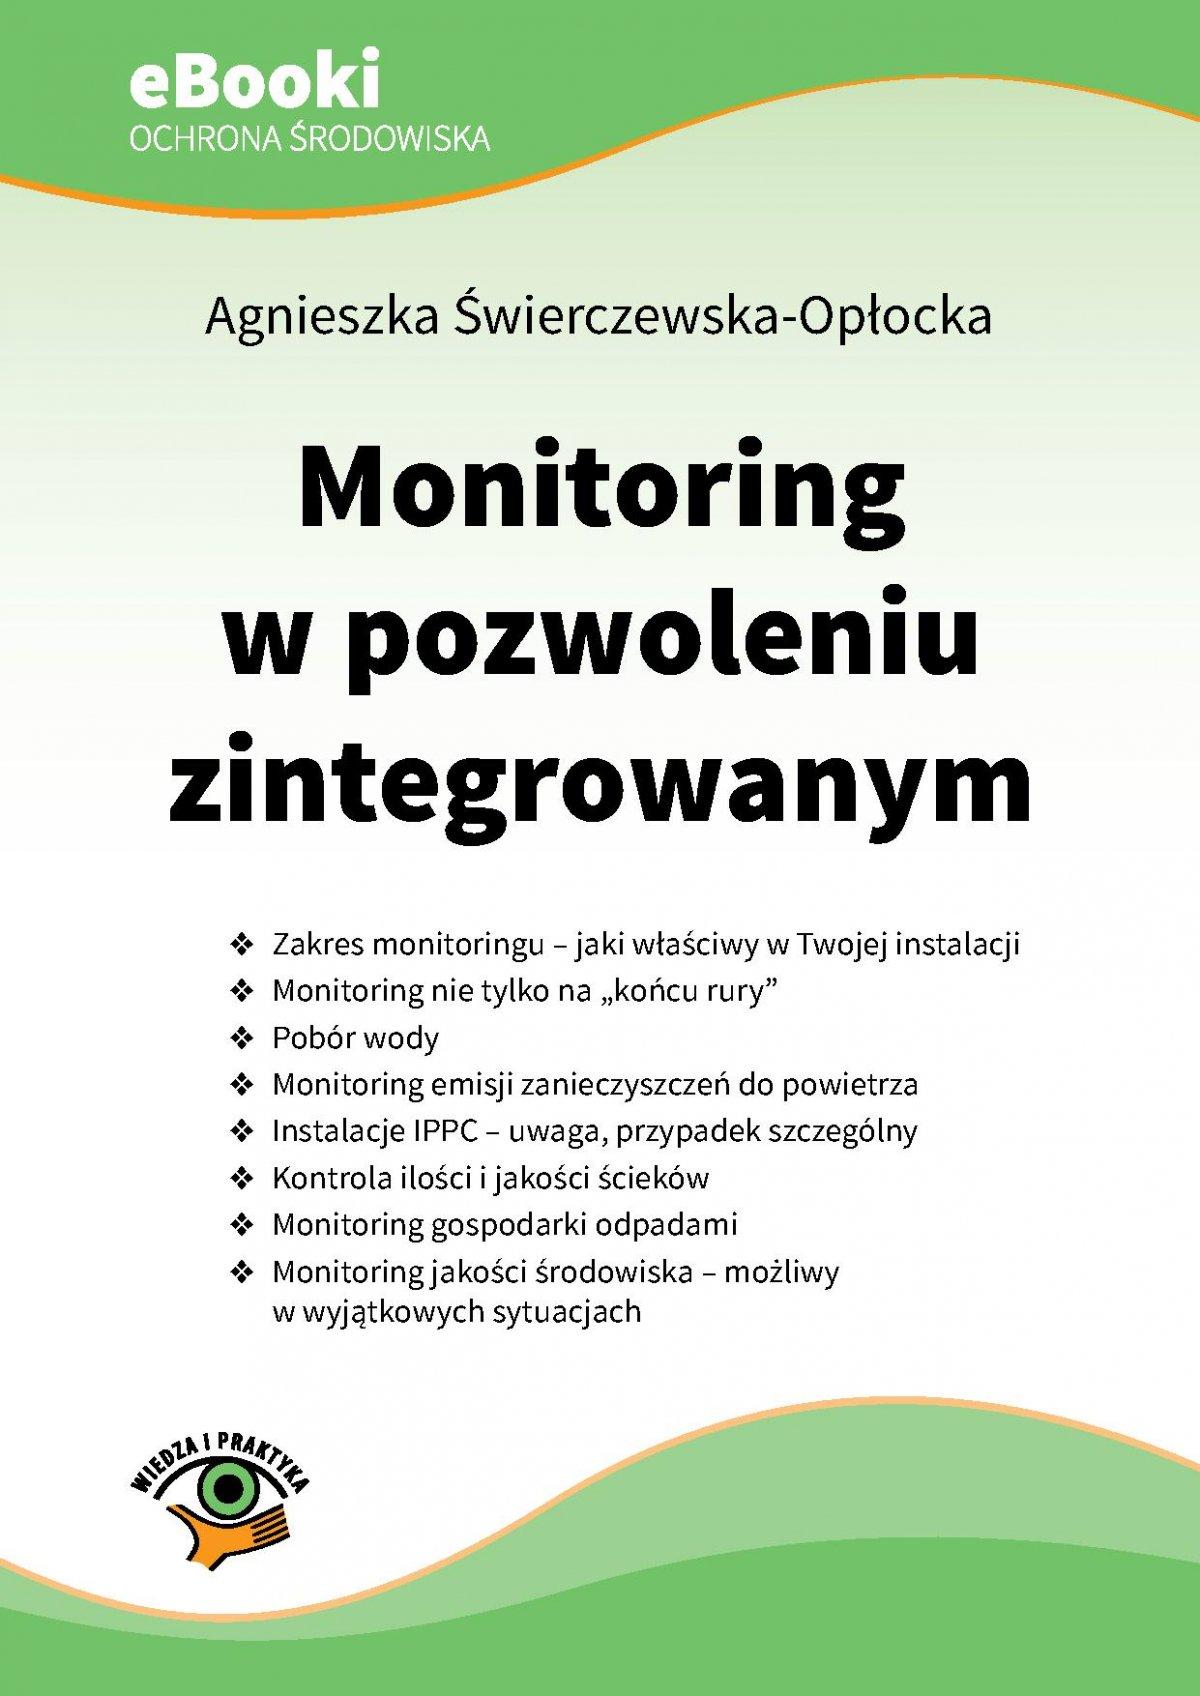 Monitoring w pozwoleniu zintegrowanym - Ebook (Książka PDF) do pobrania w formacie PDF